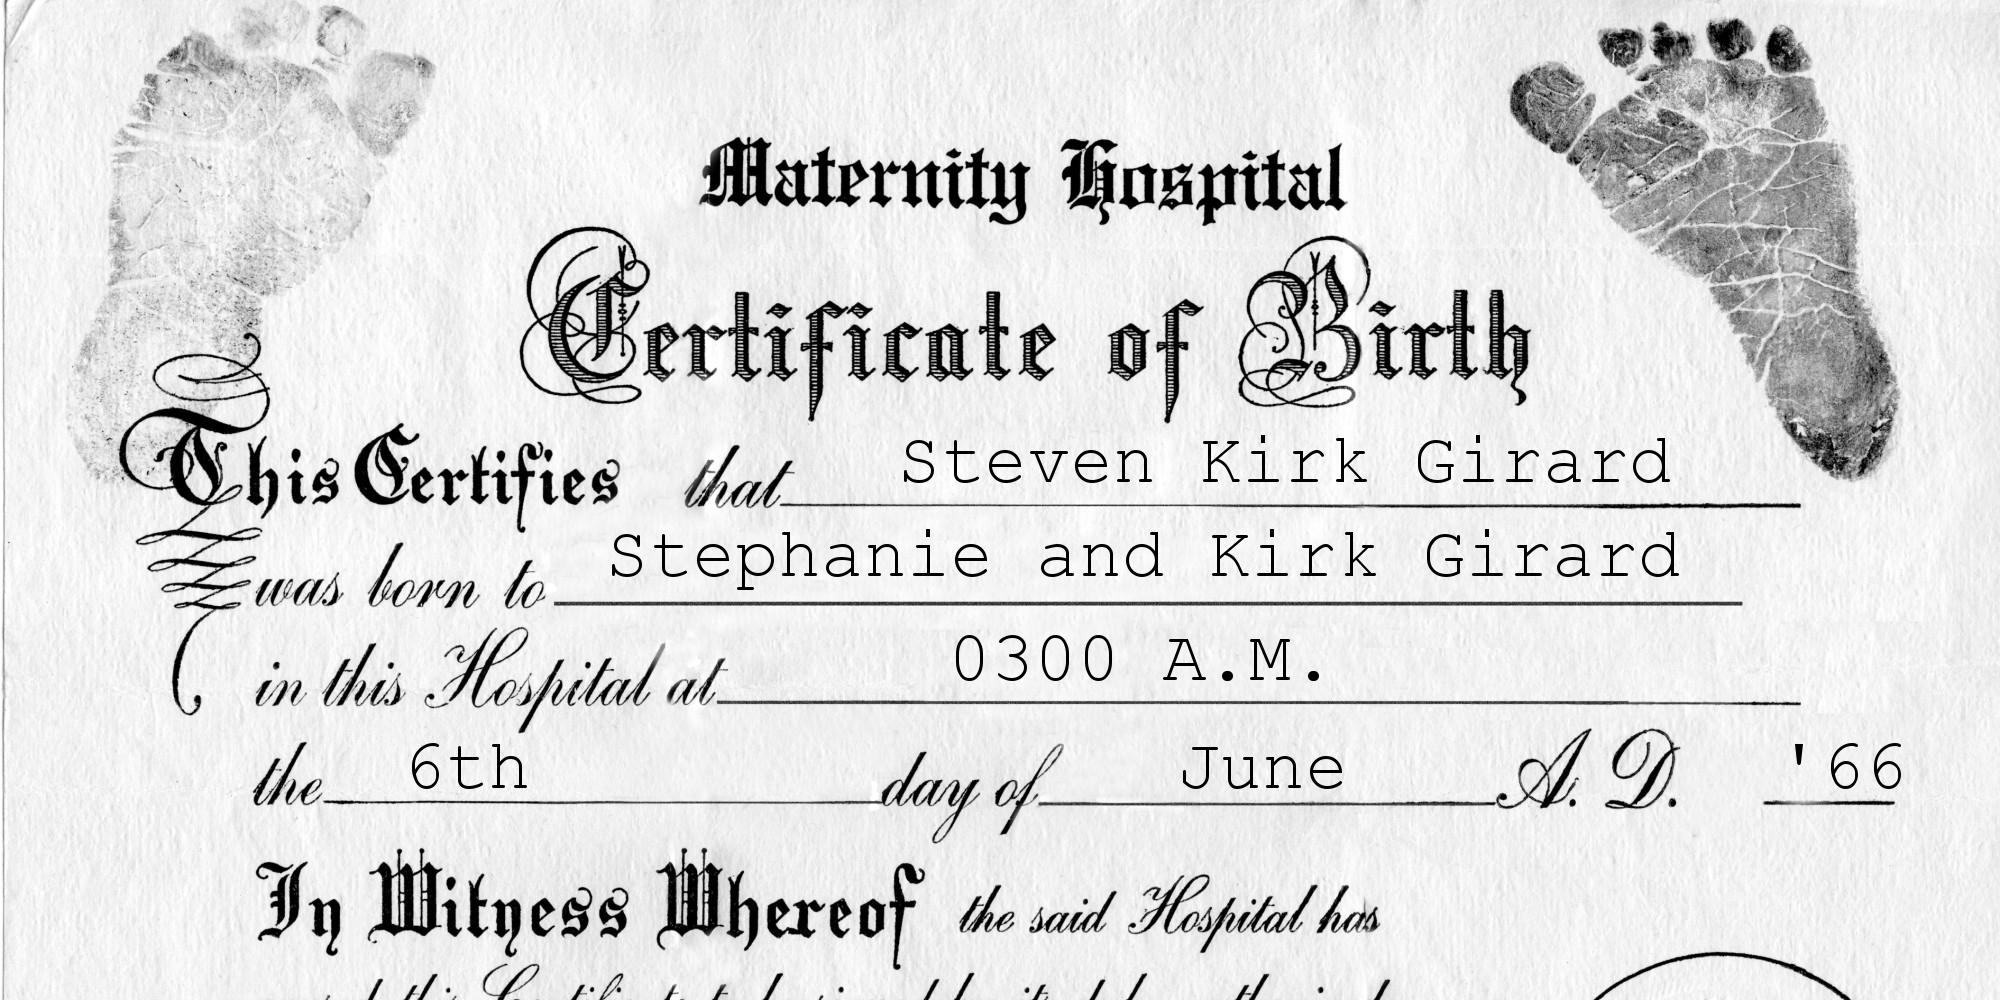 Girardbirth certificate the humboldt consequential girardbirth certificate xflitez Gallery